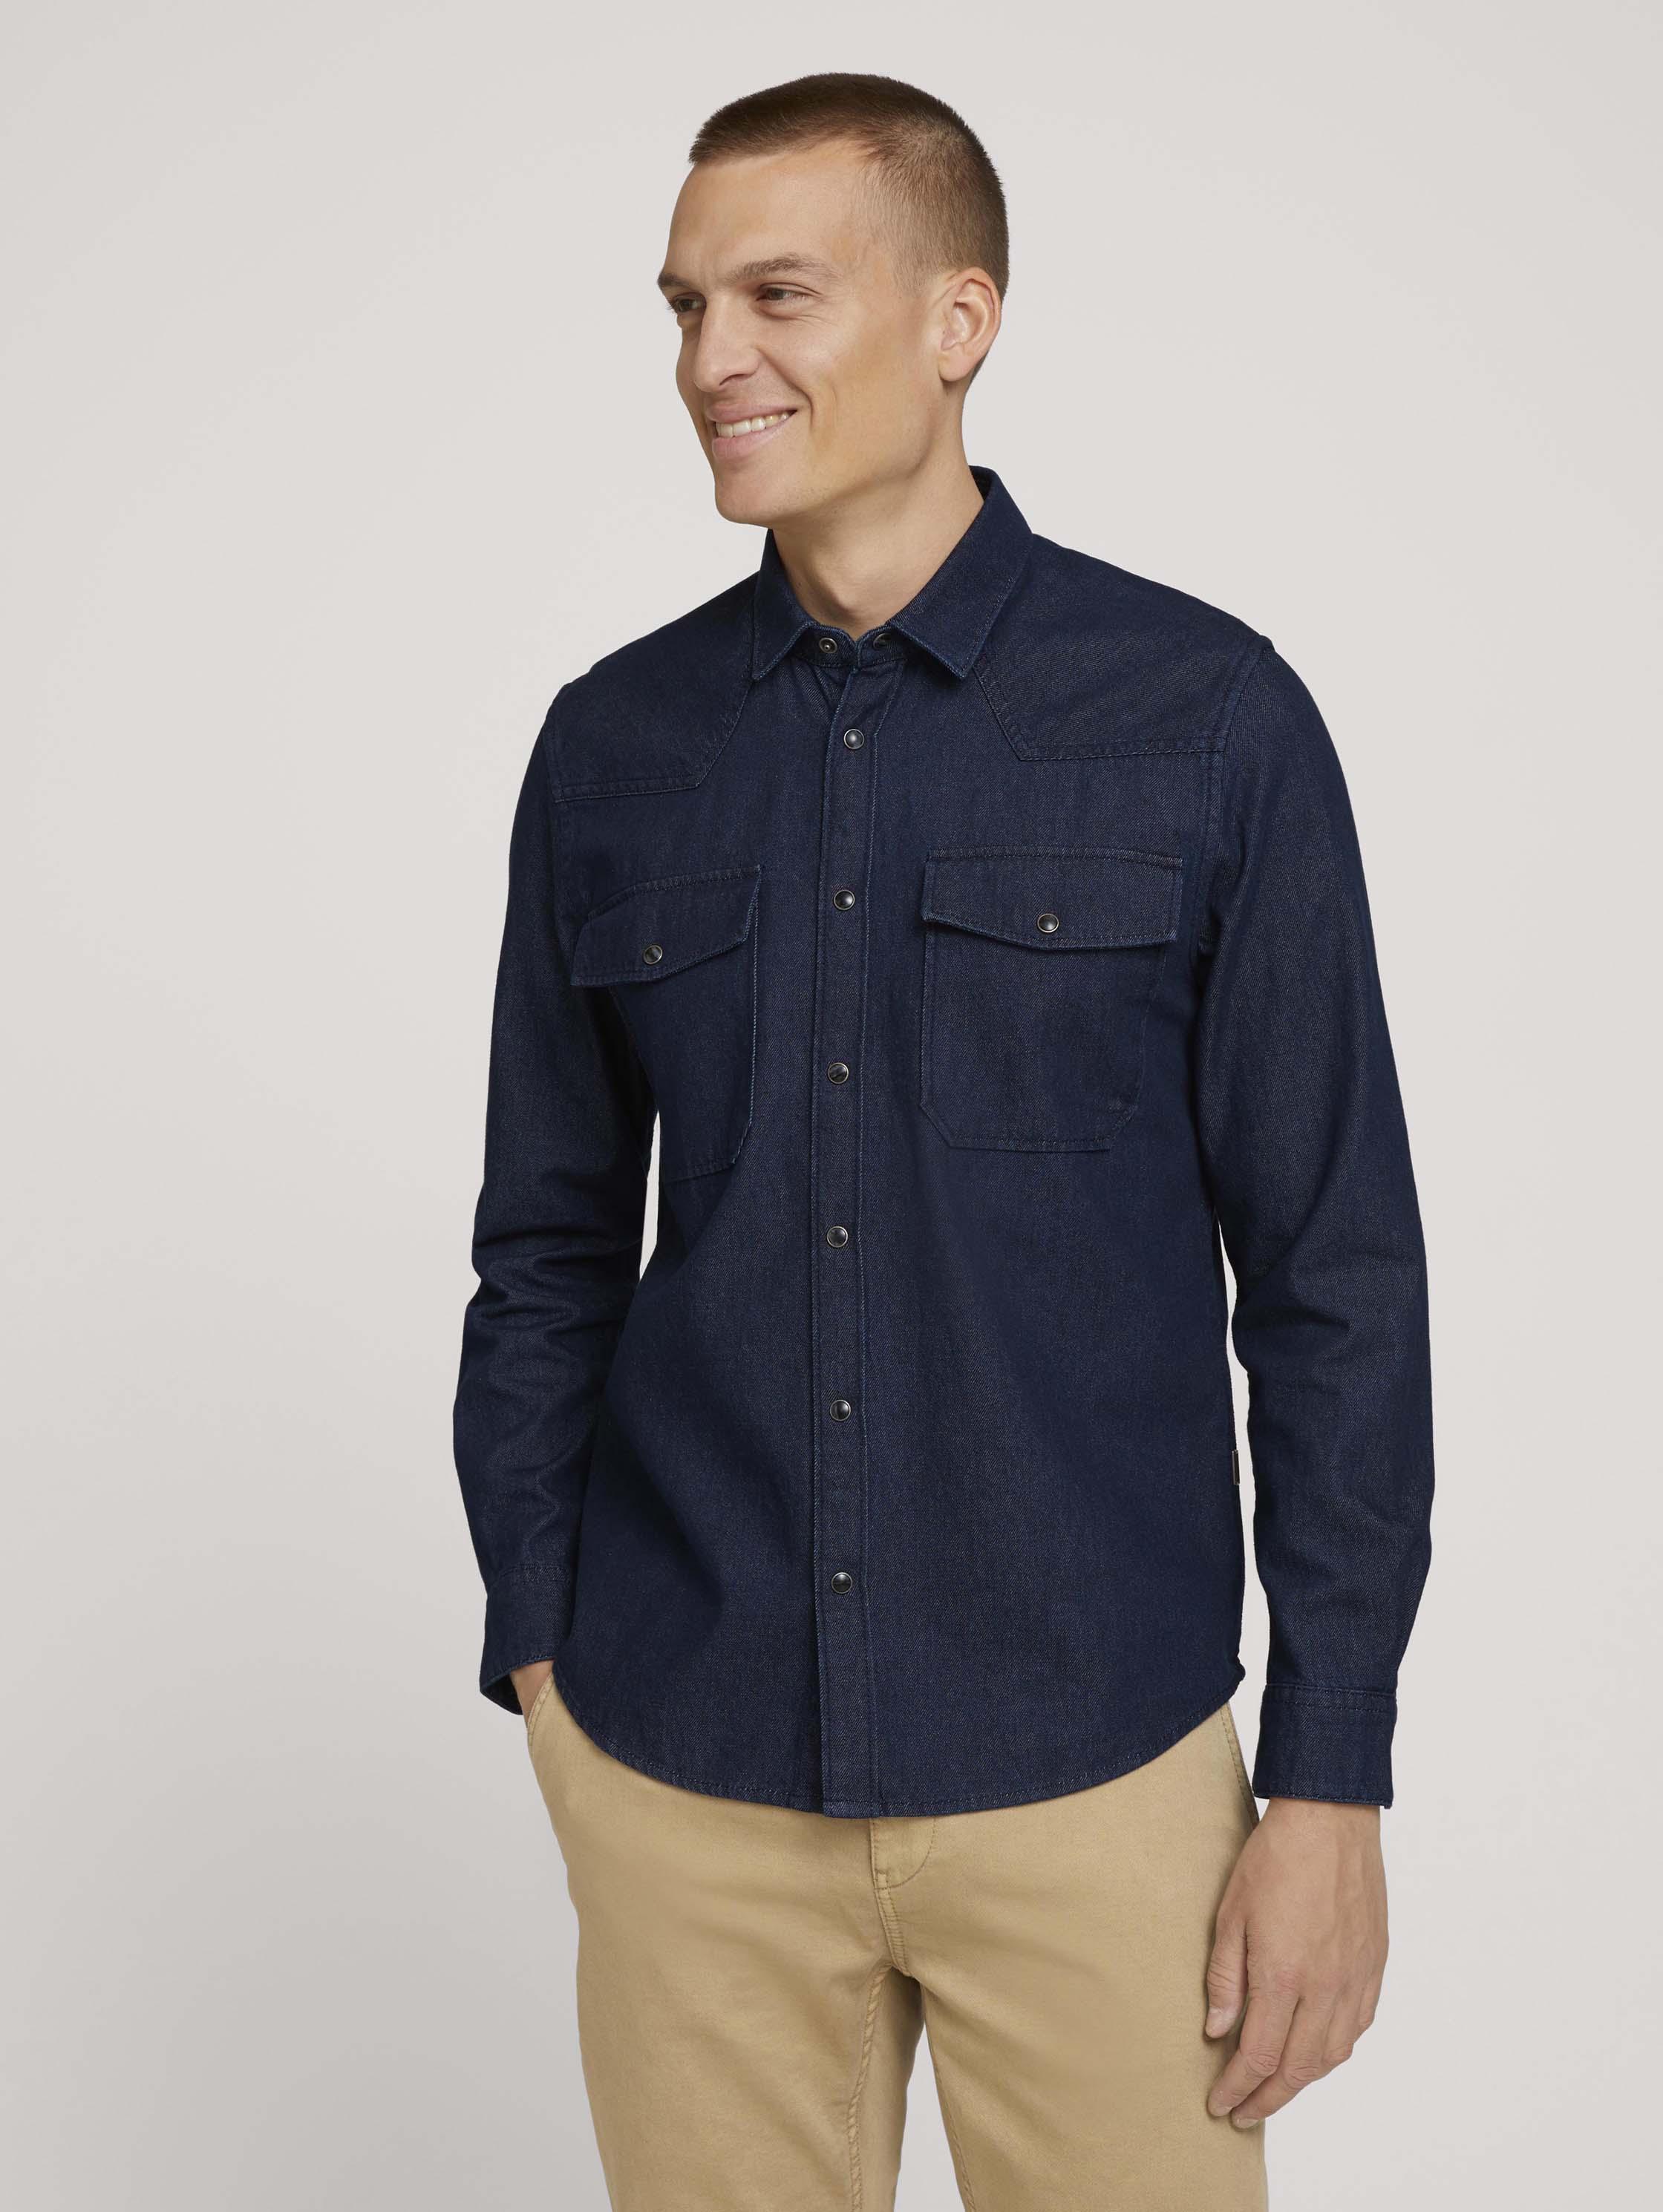 Джинсовая рубашка мужская TOM TAILOR 1026867 синяя XL